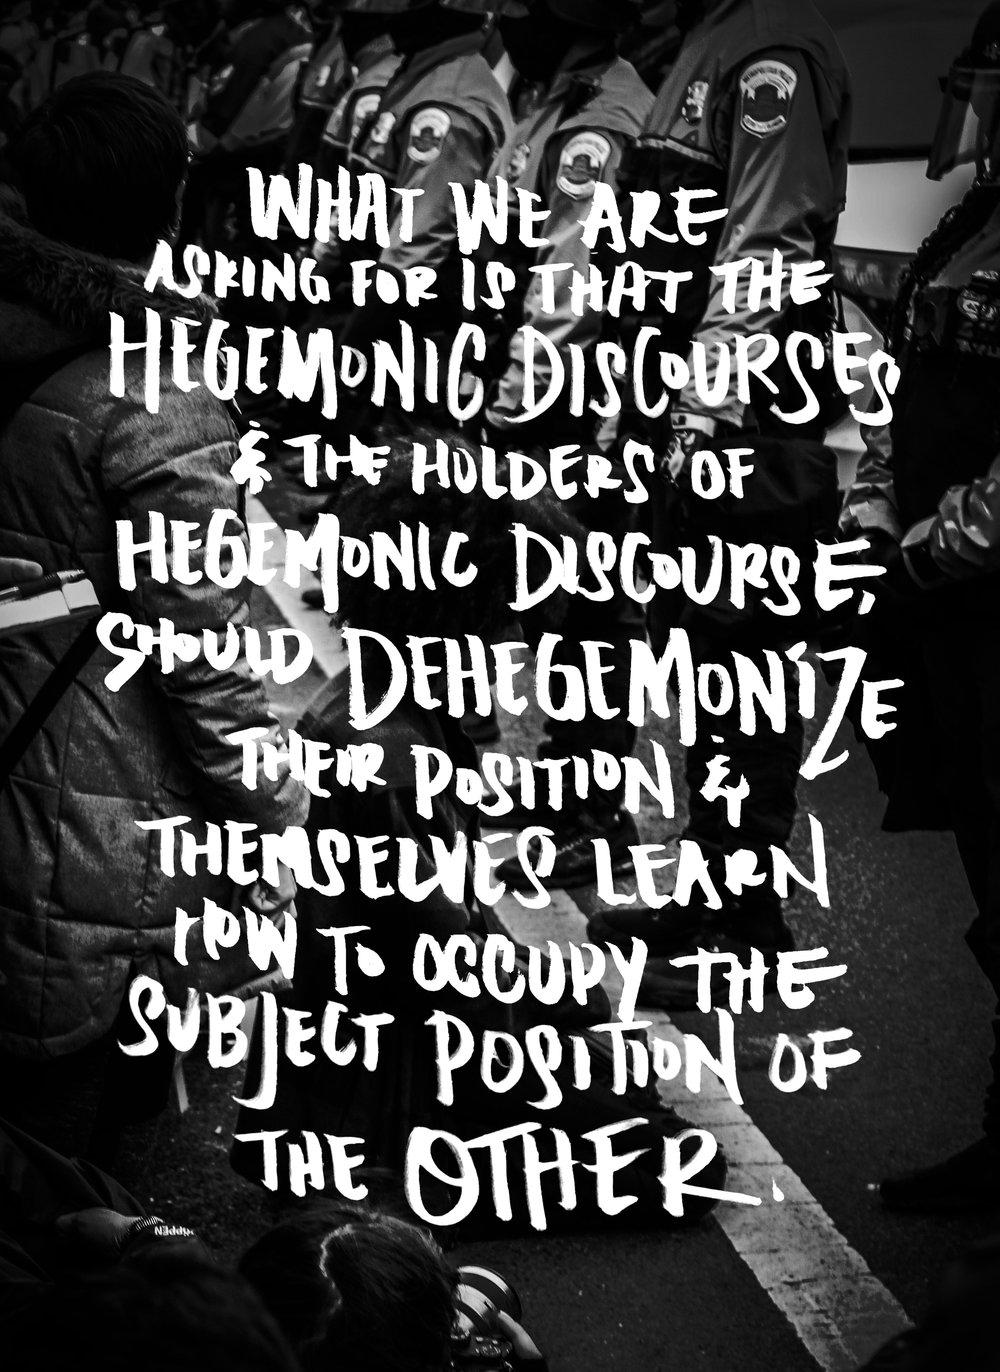 hegemonicdiscourse.jpg